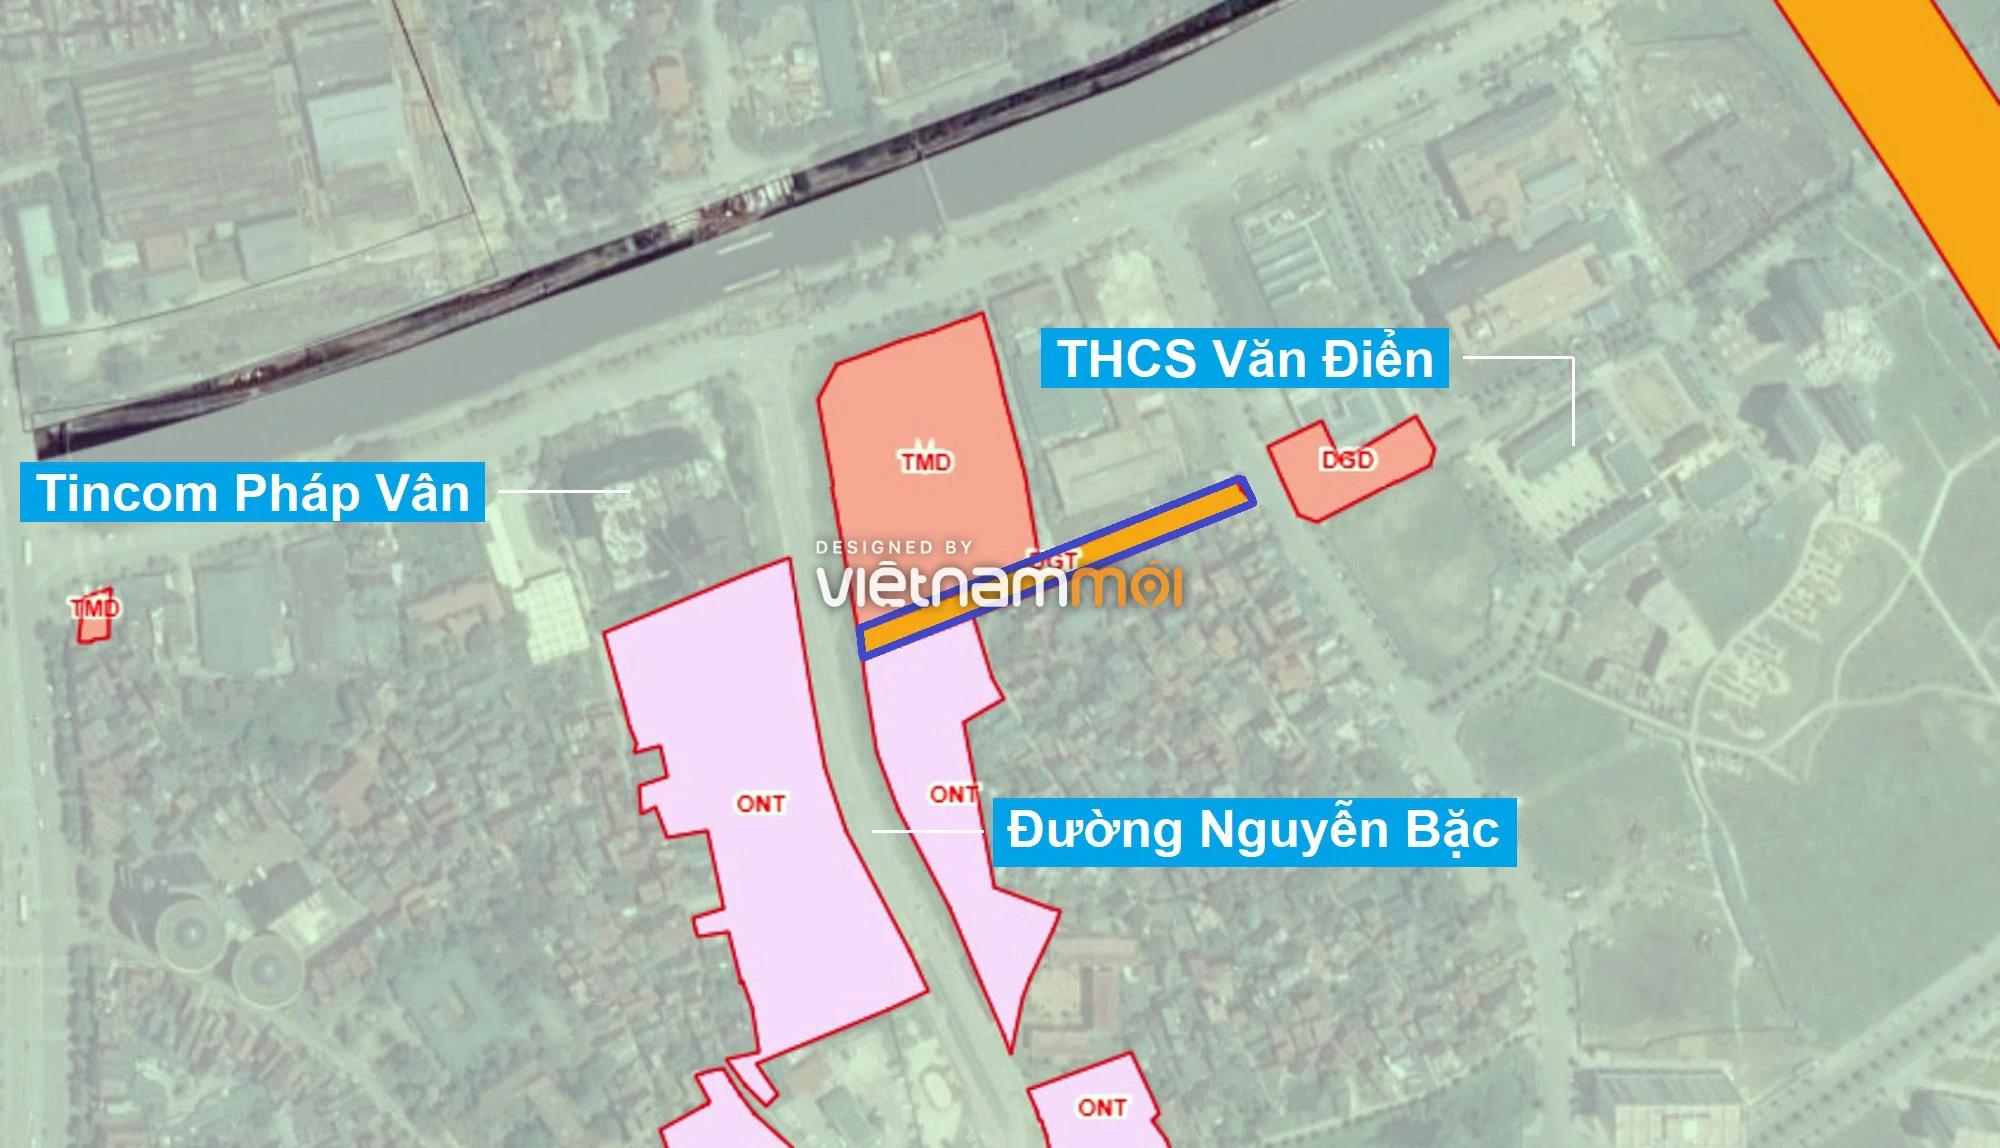 Những khu đất sắp thu hồi để mở đường ở xã Tứ Hiệp, Thanh Trì, Hà Nội (phần 1) - Ảnh 1.